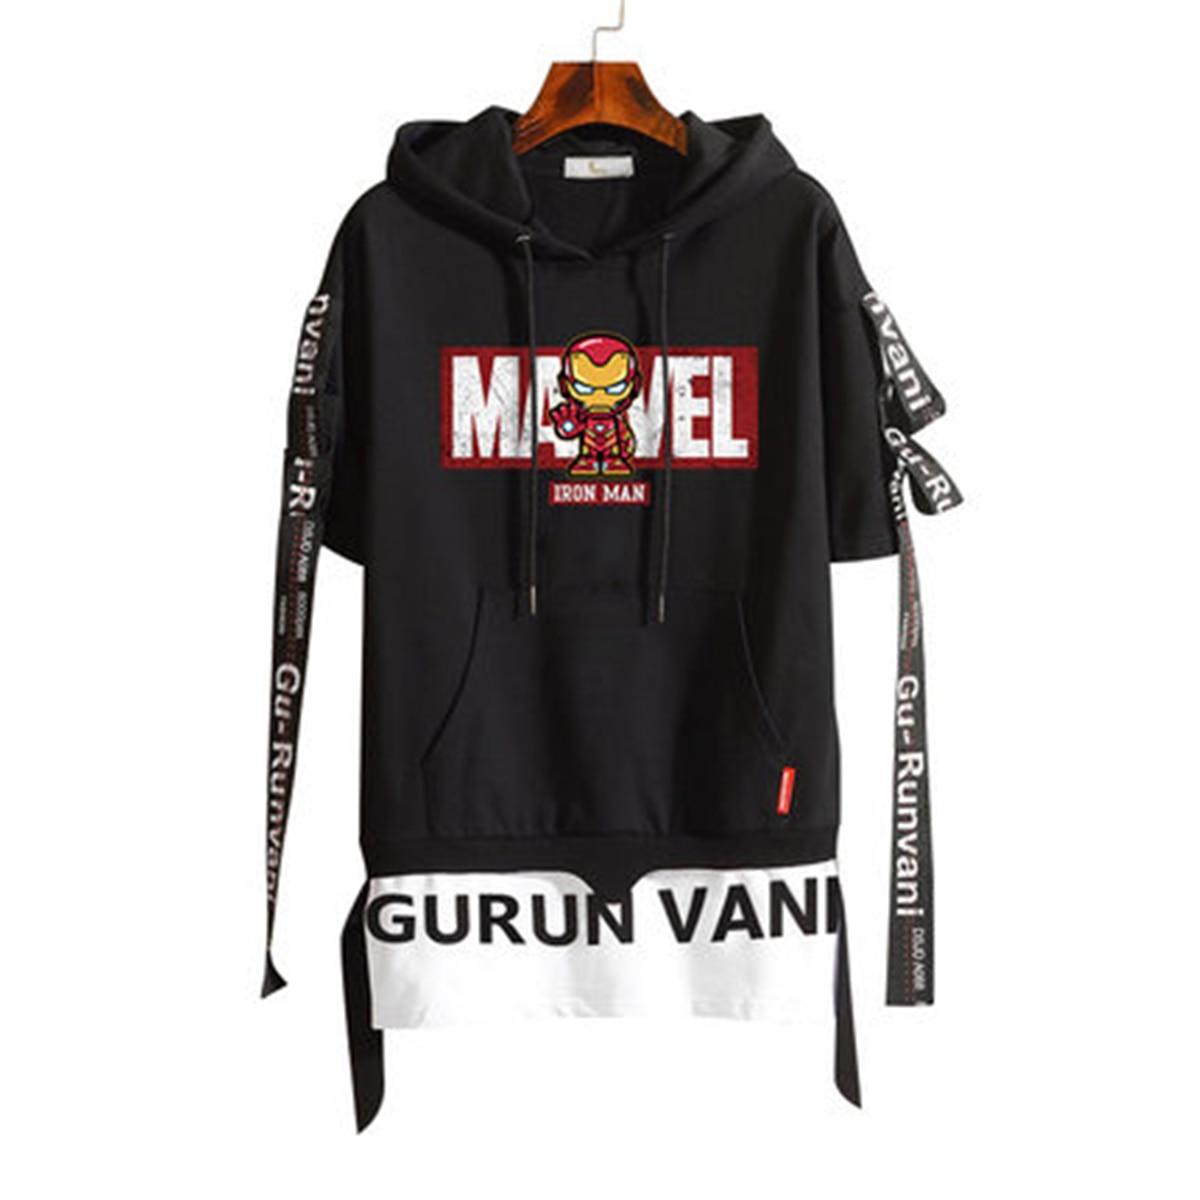 Marvel The Avengers 4 Железный человек Человек паук Дэдпул Халк светящийся Хэллоуин косплей костюм мужской короткий рукав футболка с капюшоном